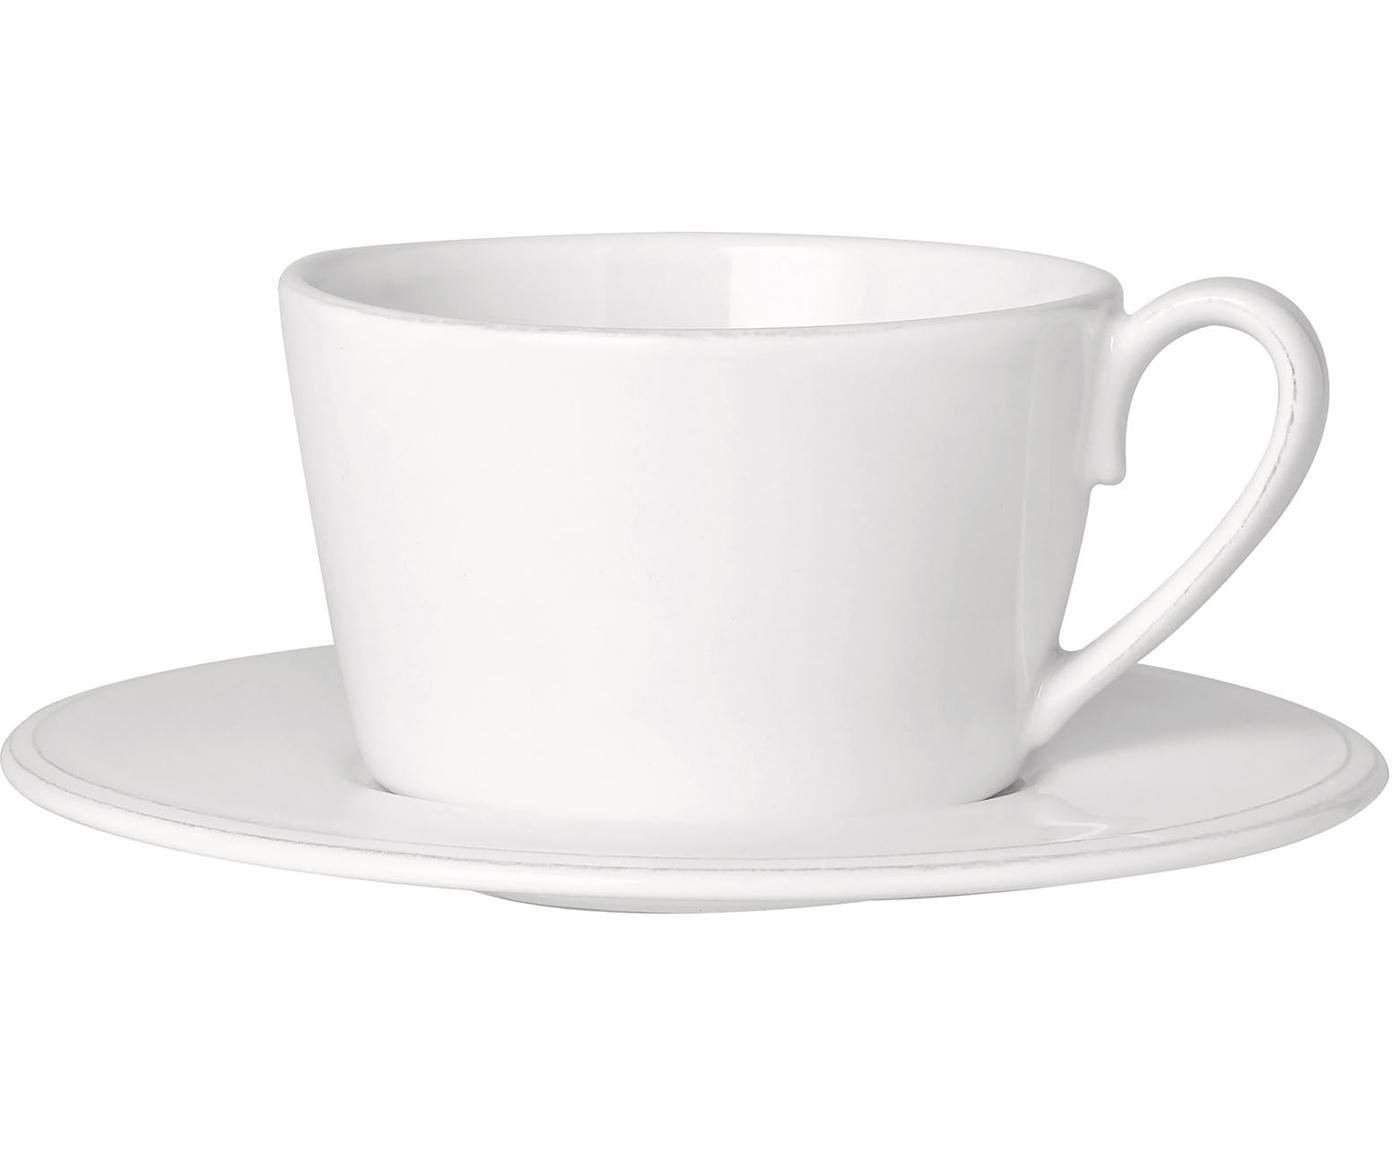 Tazza da tè con piattino Constance, Gres, Bianco, Ø 19 x Alt. 8 cm